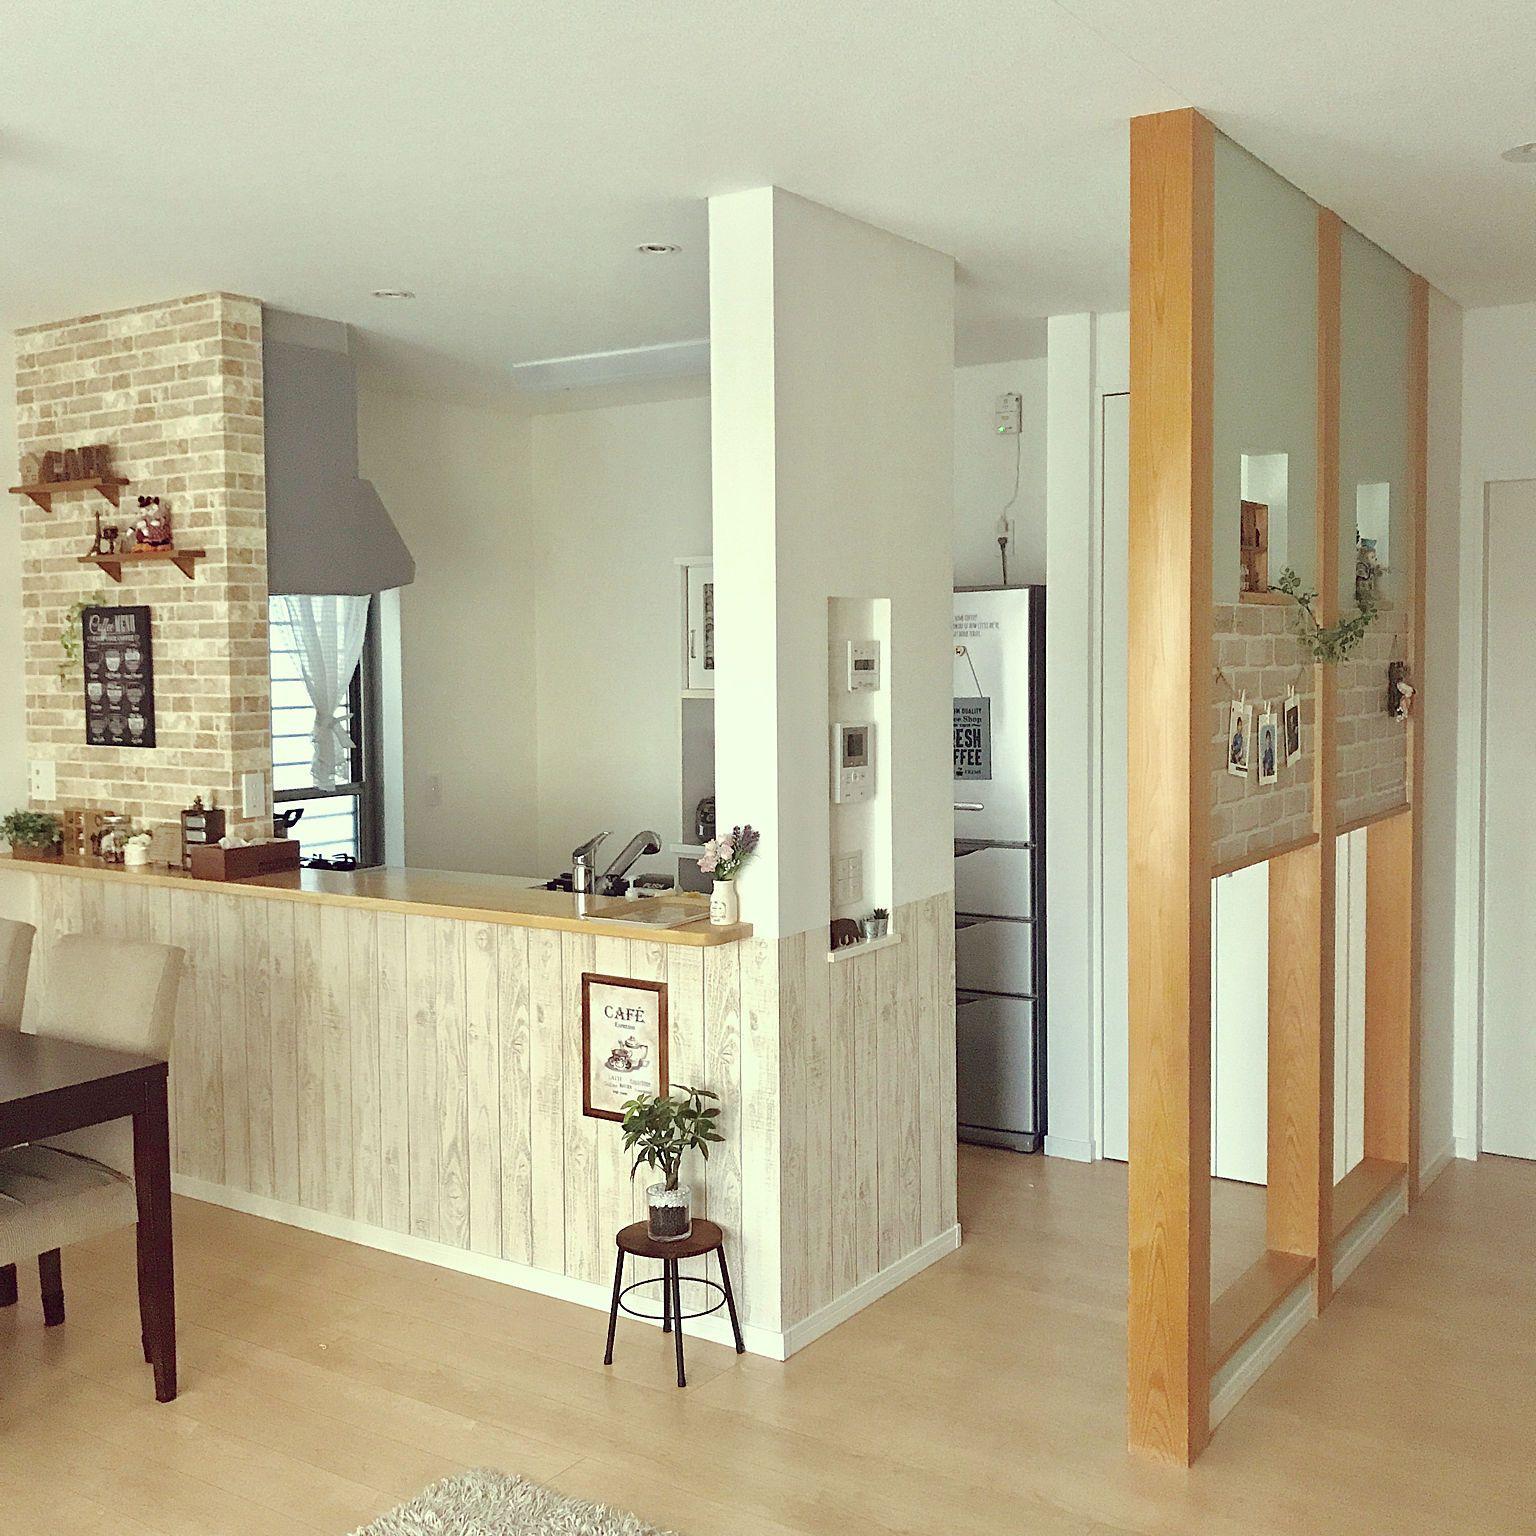 部屋全体 化粧柱 Rc初心者 板壁風壁紙 レンガ調壁紙 などの